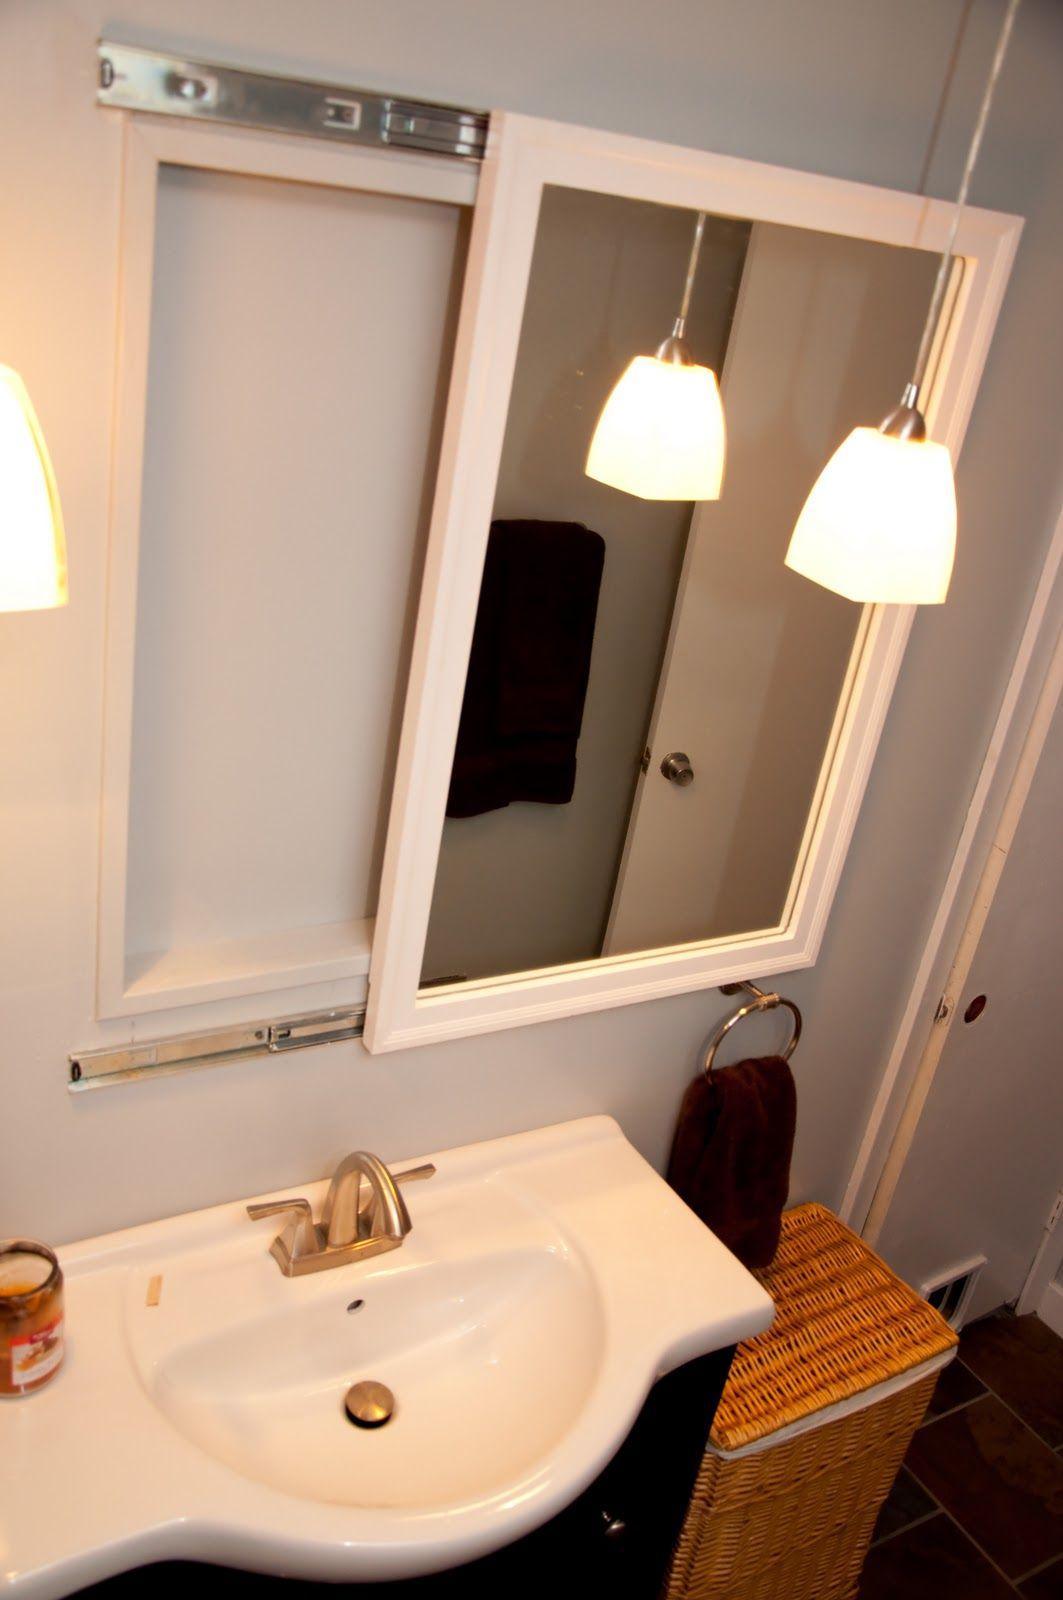 Bathroom Remodel Diy bathroom remodel, Bathrooms remodel